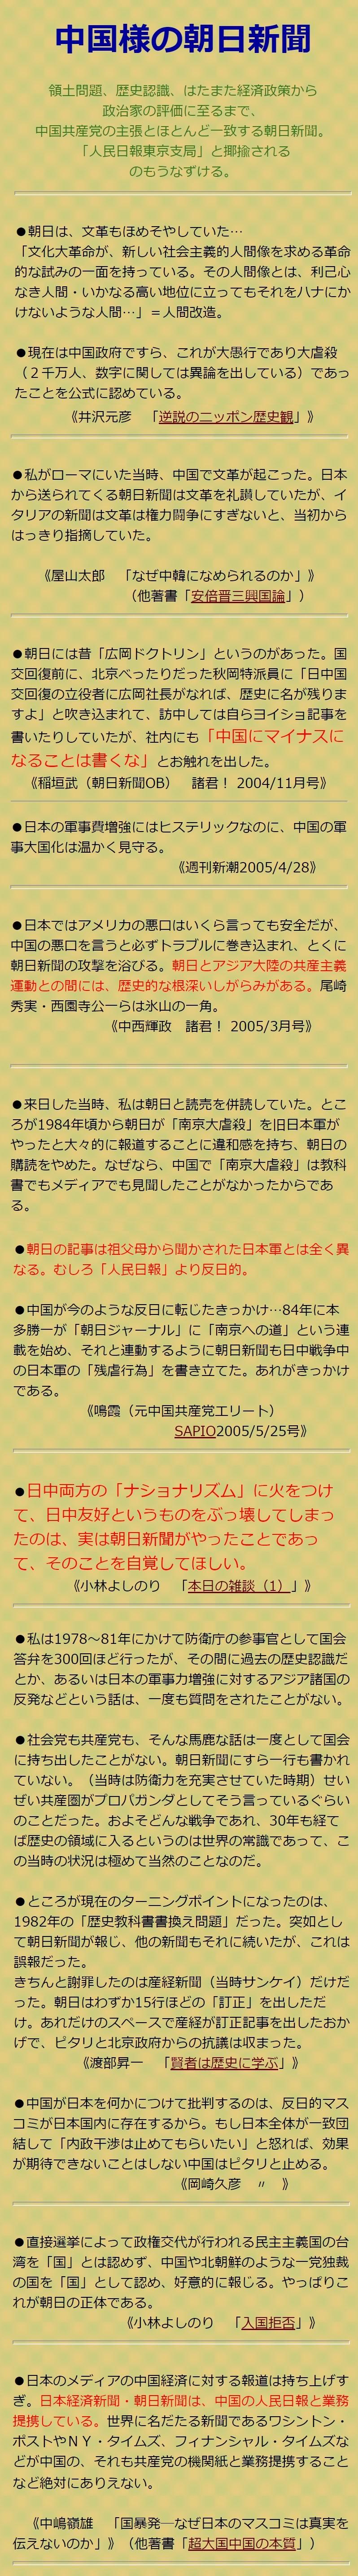 シナ様命の朝日新聞1